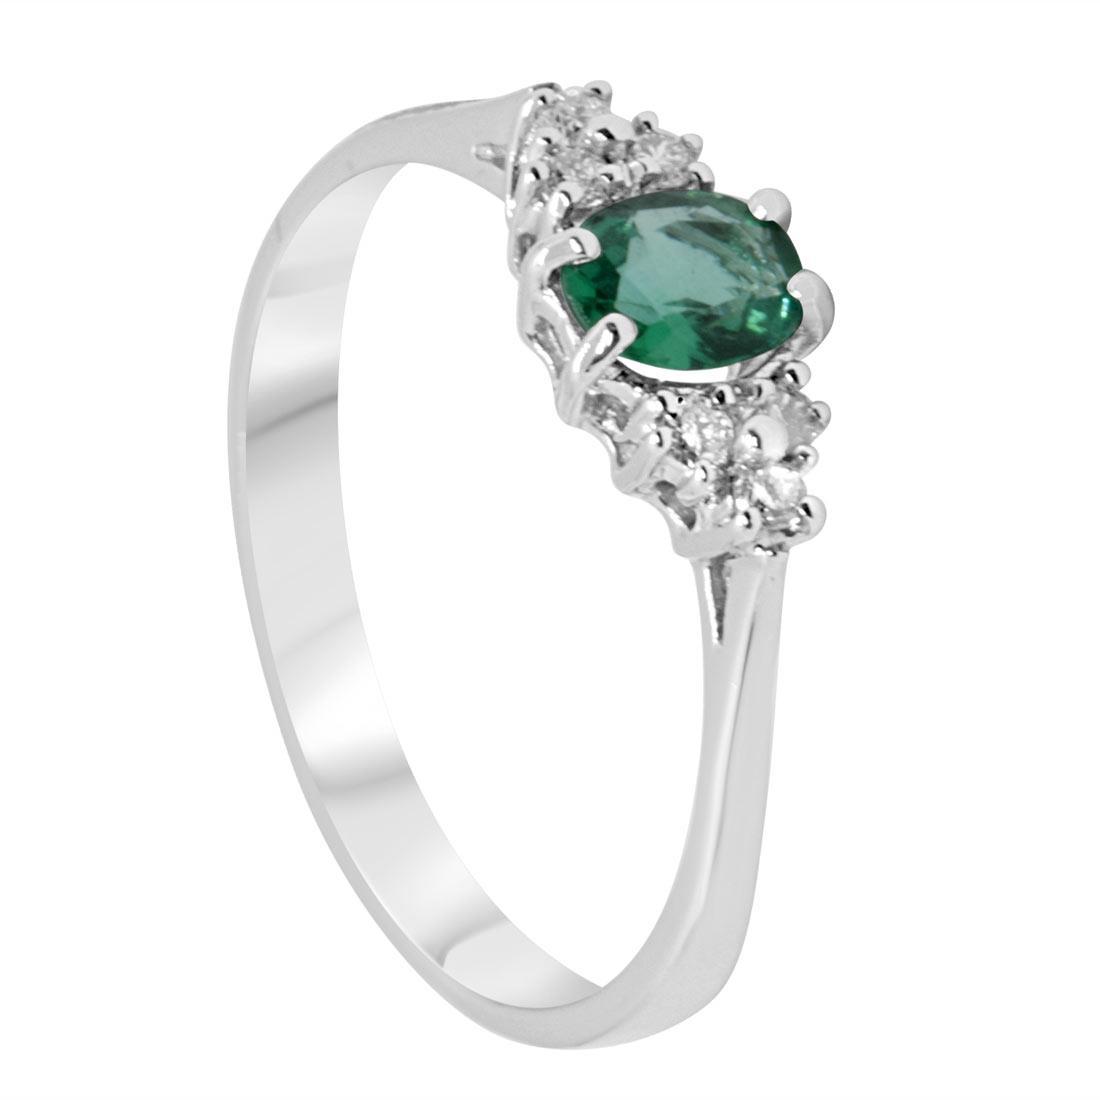 Anello con diamanti e smeraldo - ALFIERI & ST. JOHN